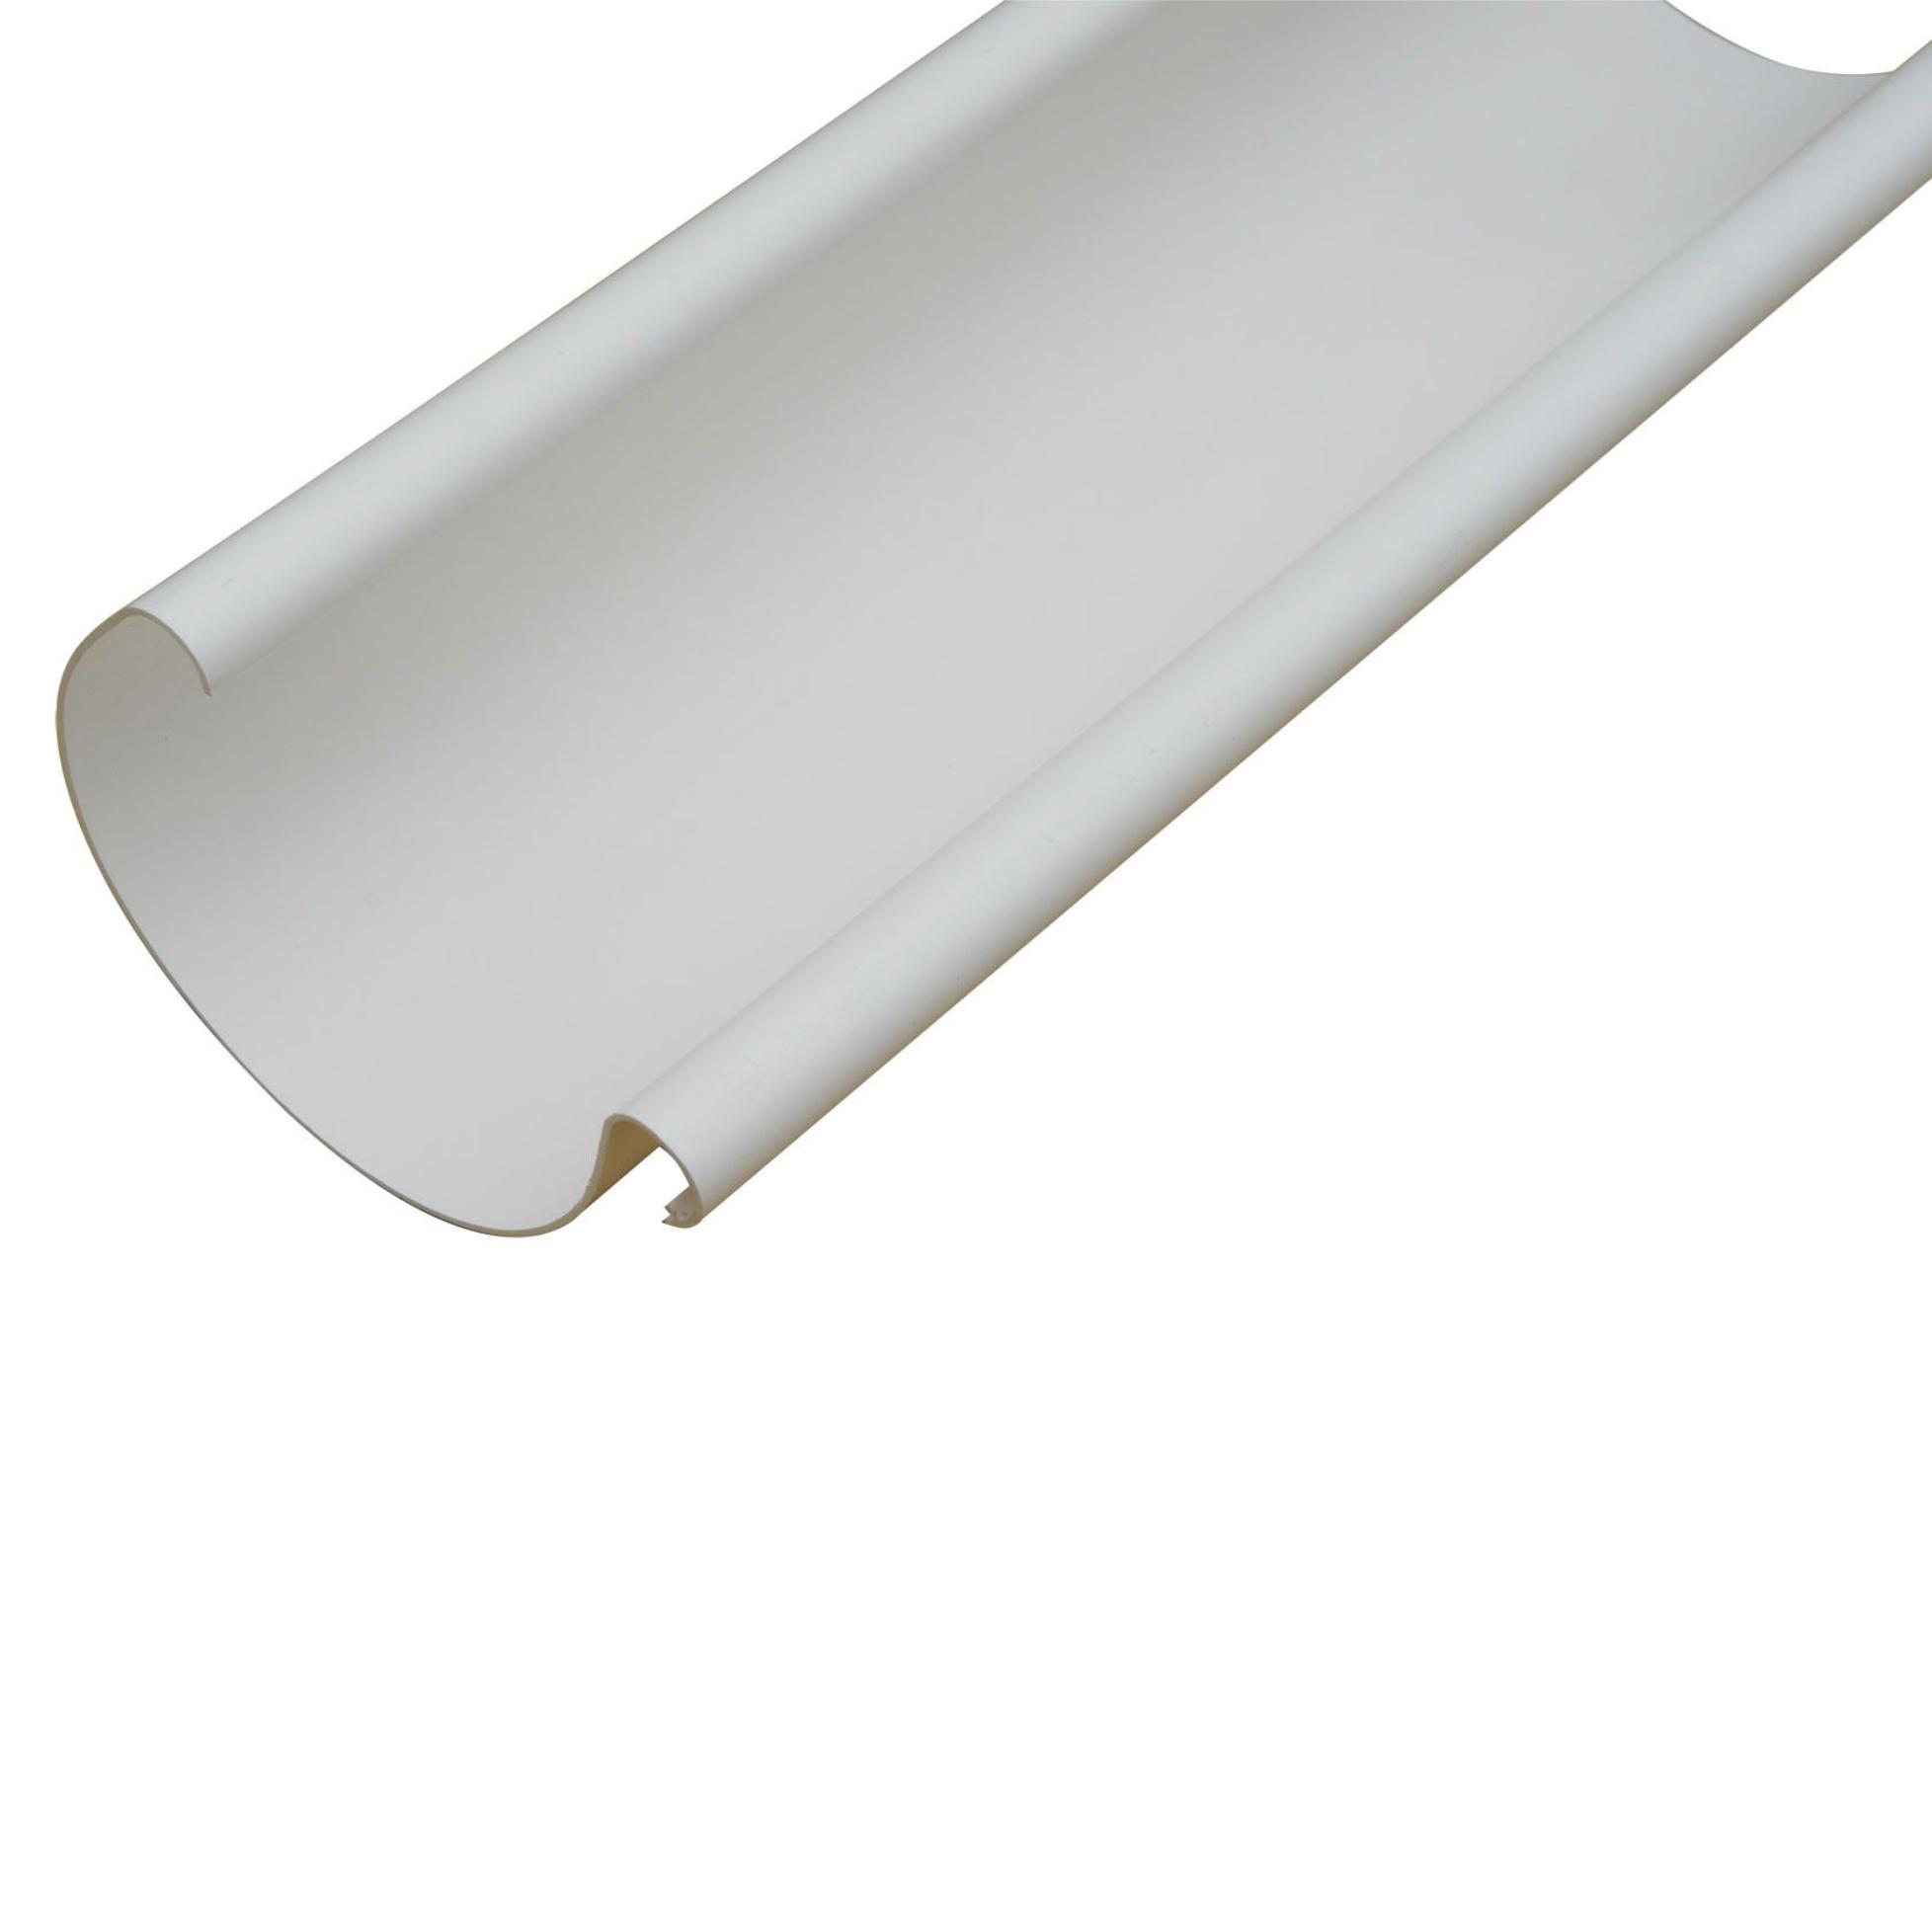 Gutter PVC Gutter System